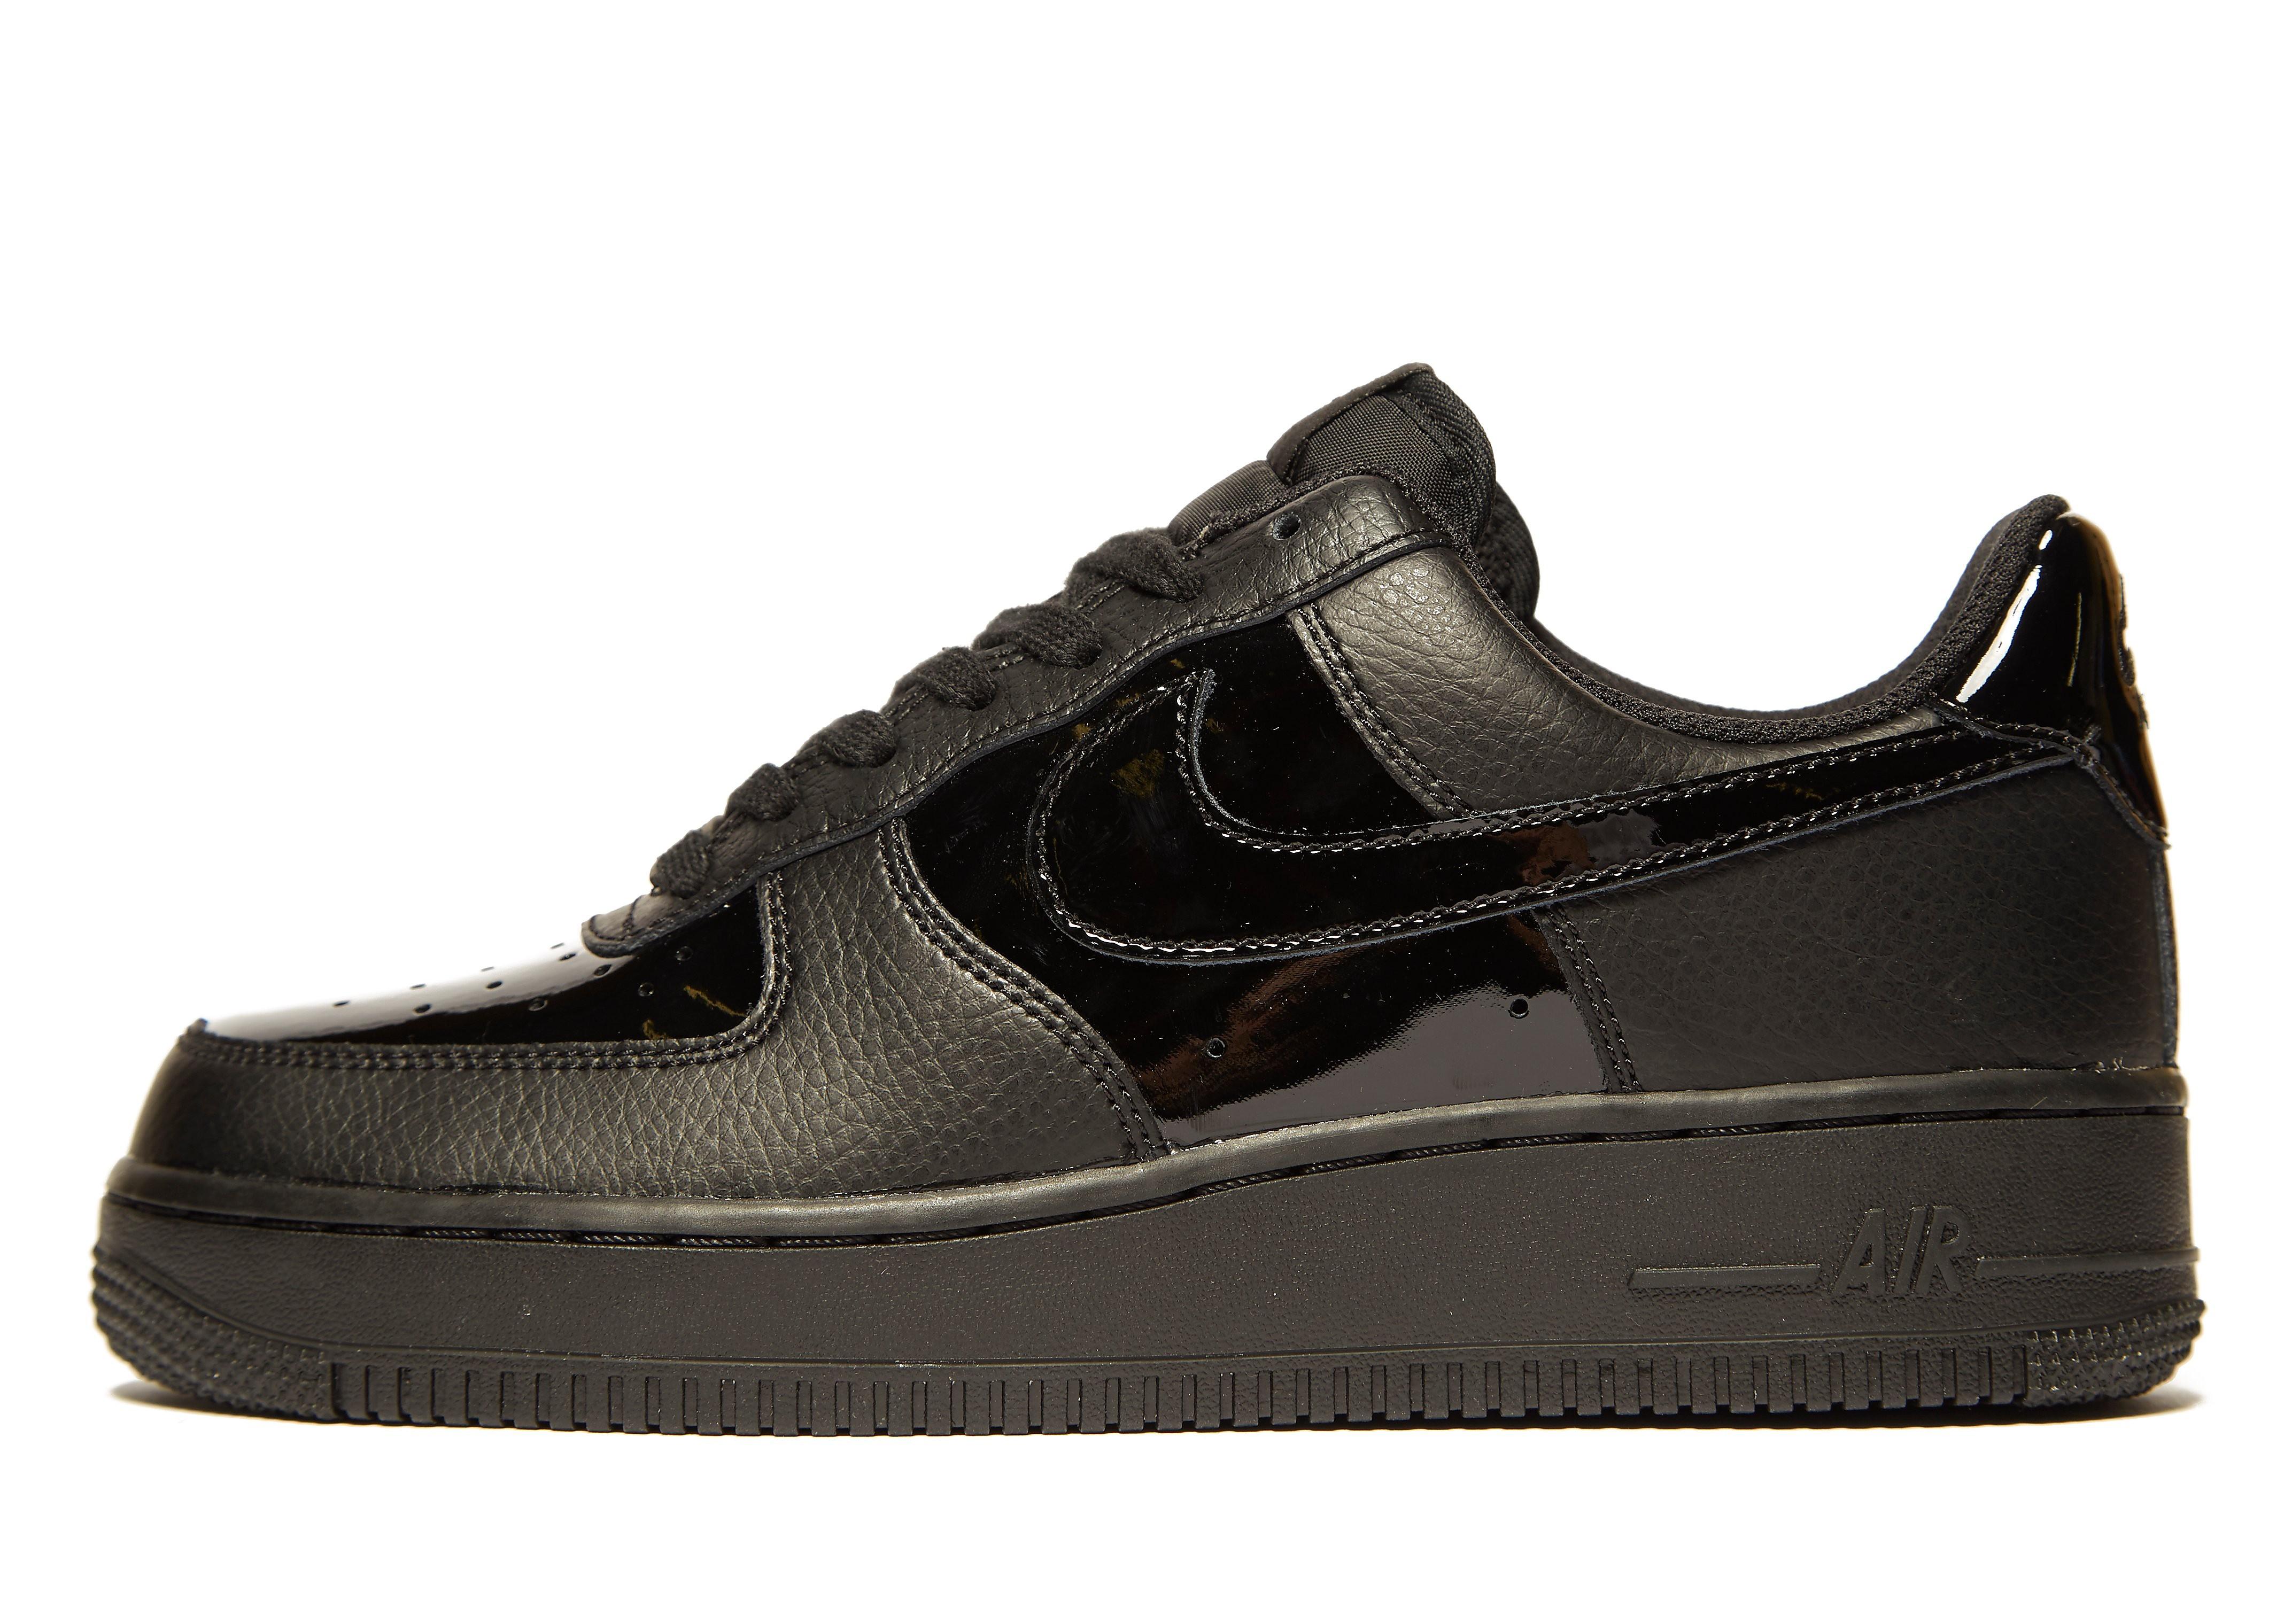 Nike Air Force 1 Premium Femme